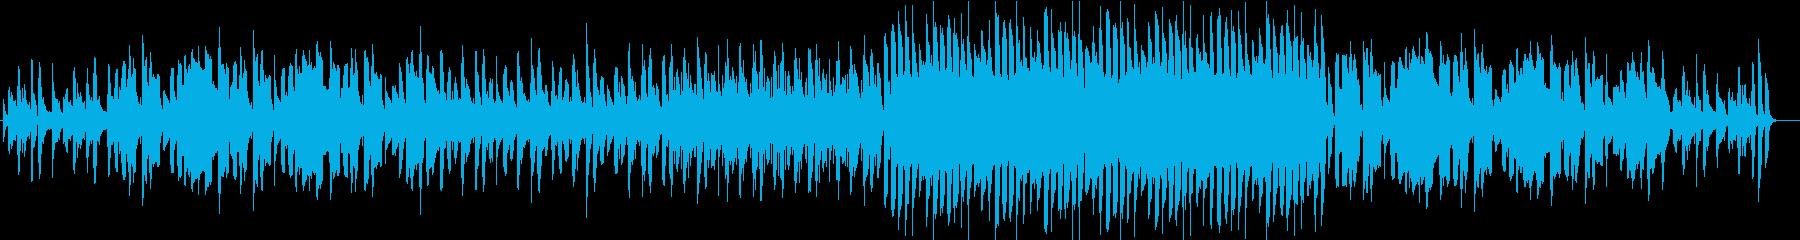 のほほんとした感じのスローテンポギター曲の再生済みの波形